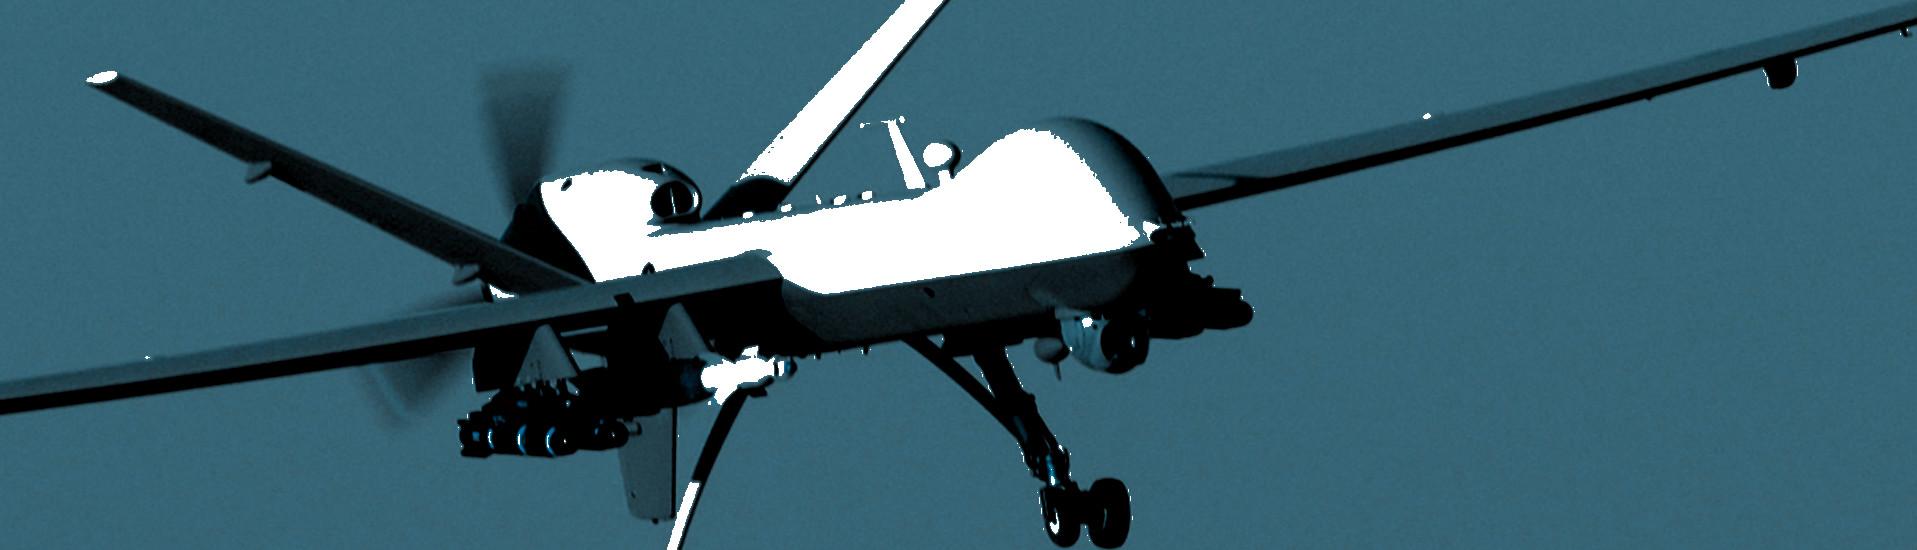 dron-big